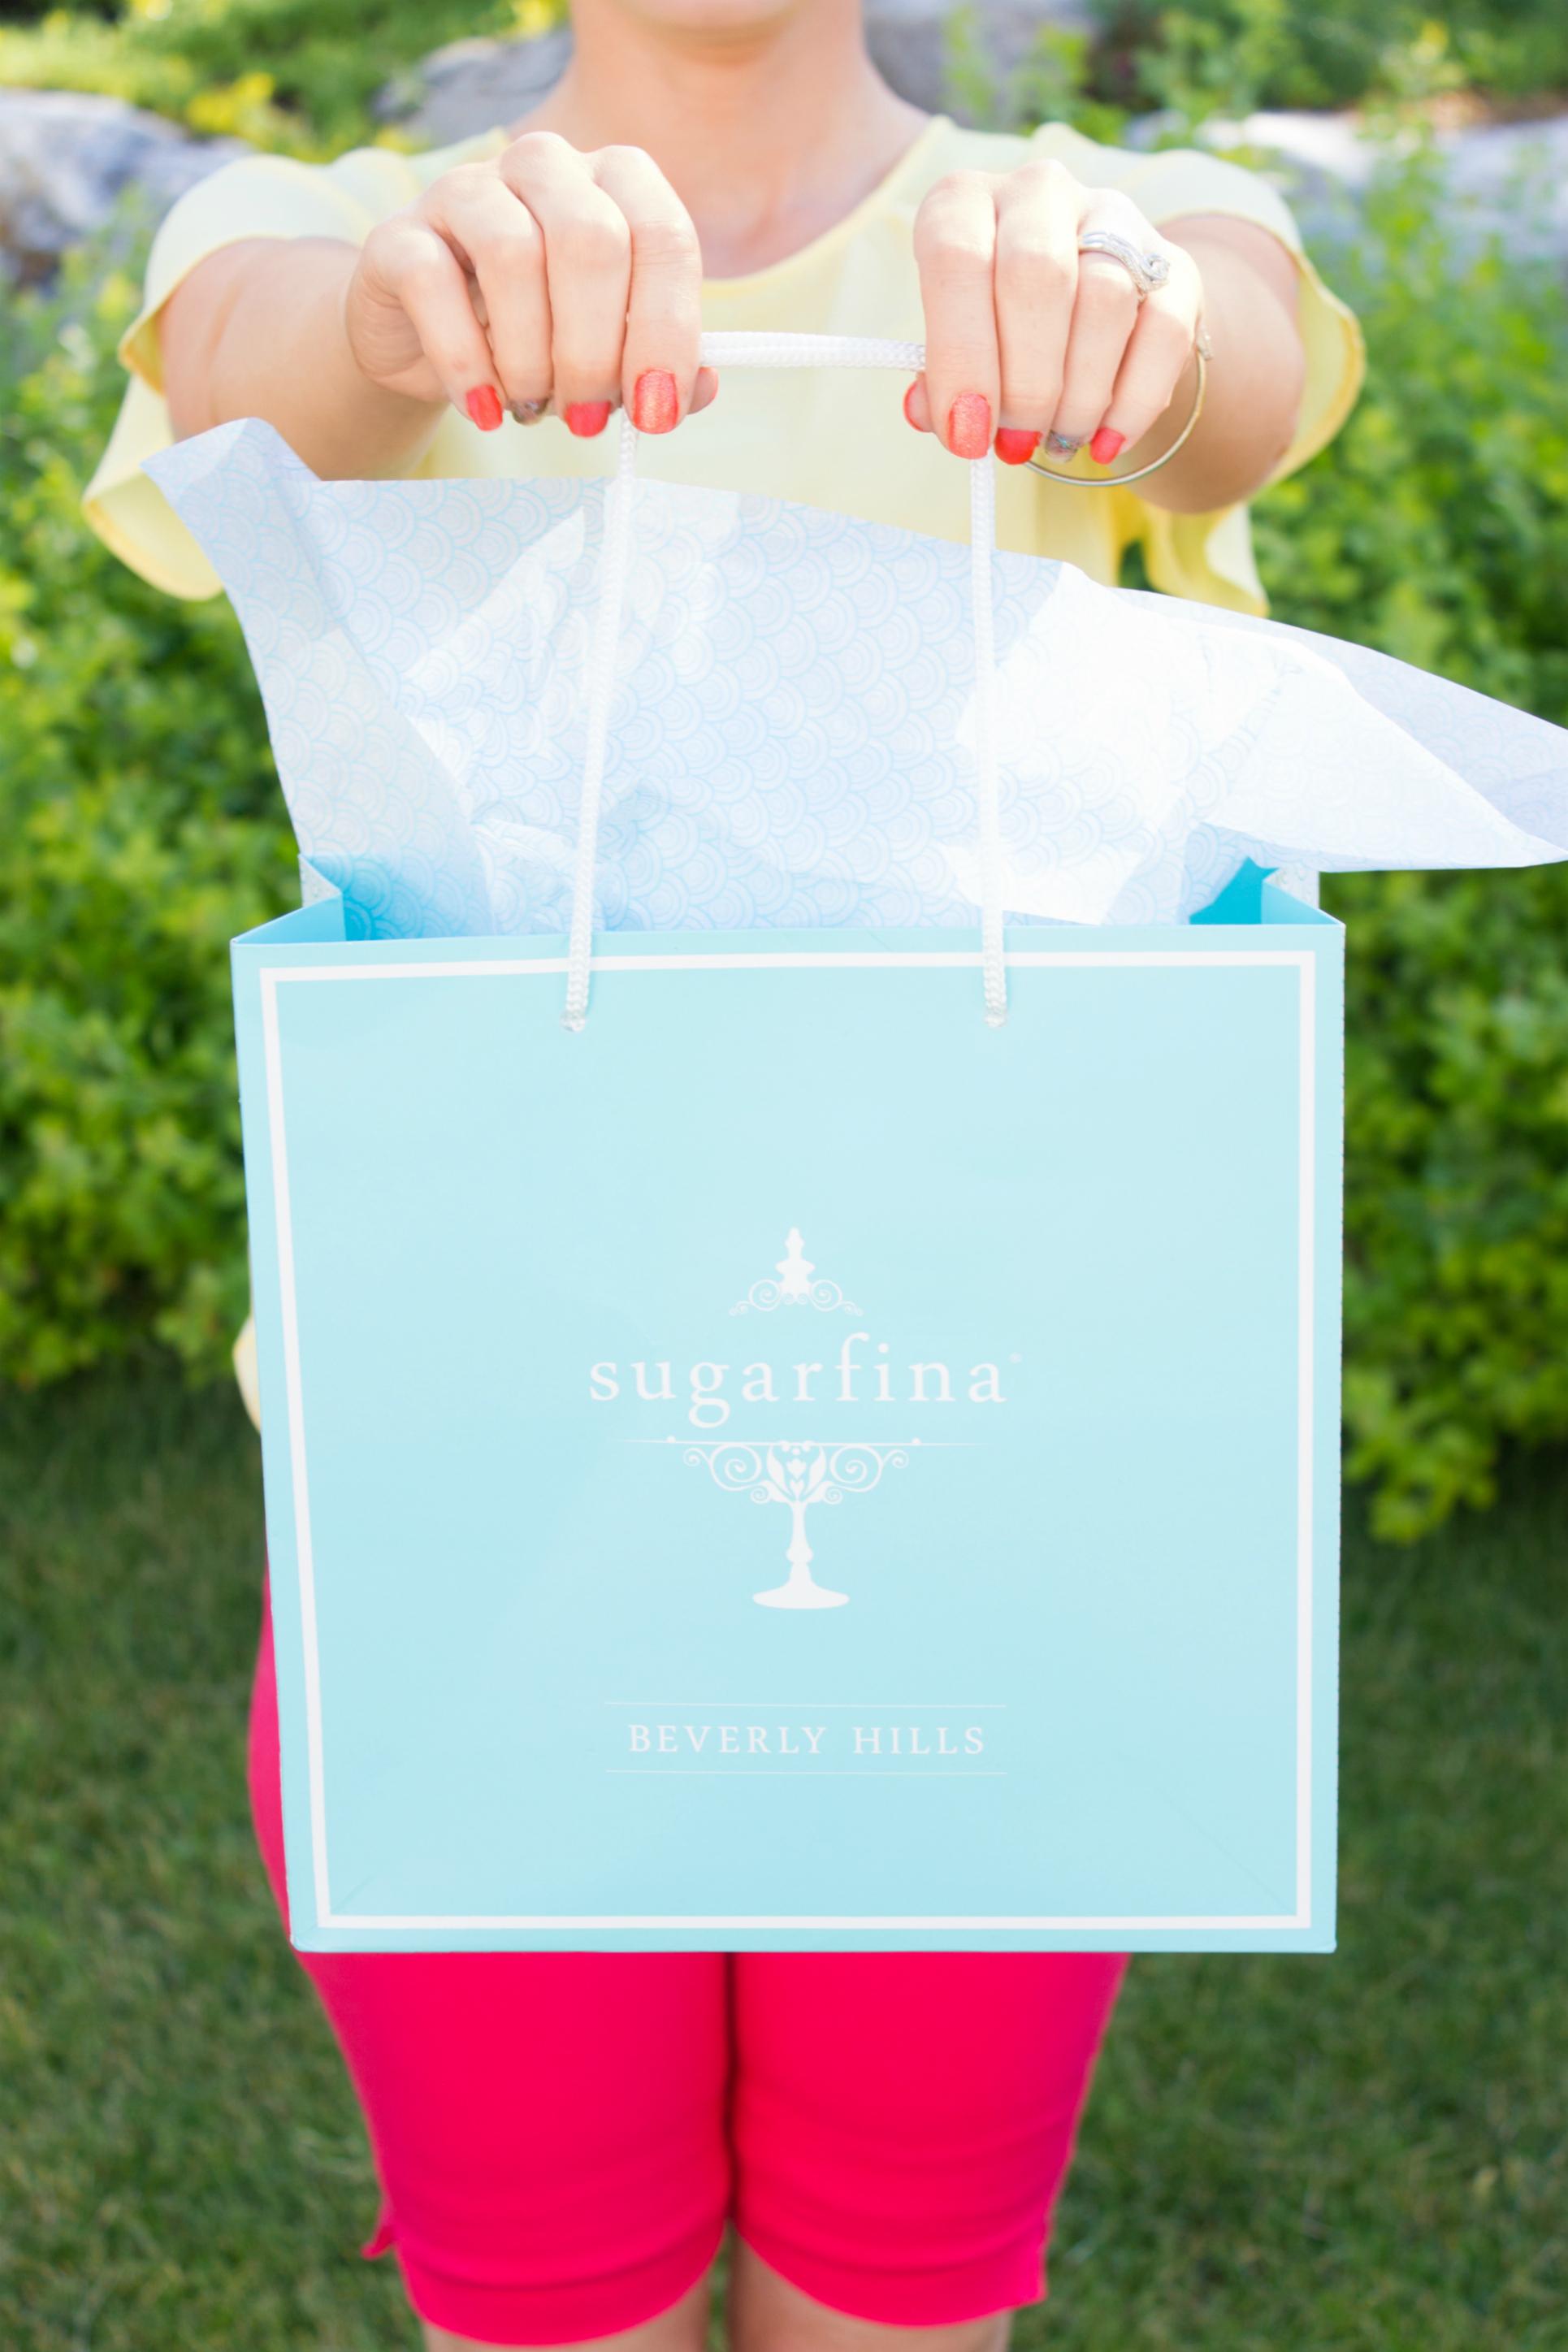 Sugarfina-giveaway